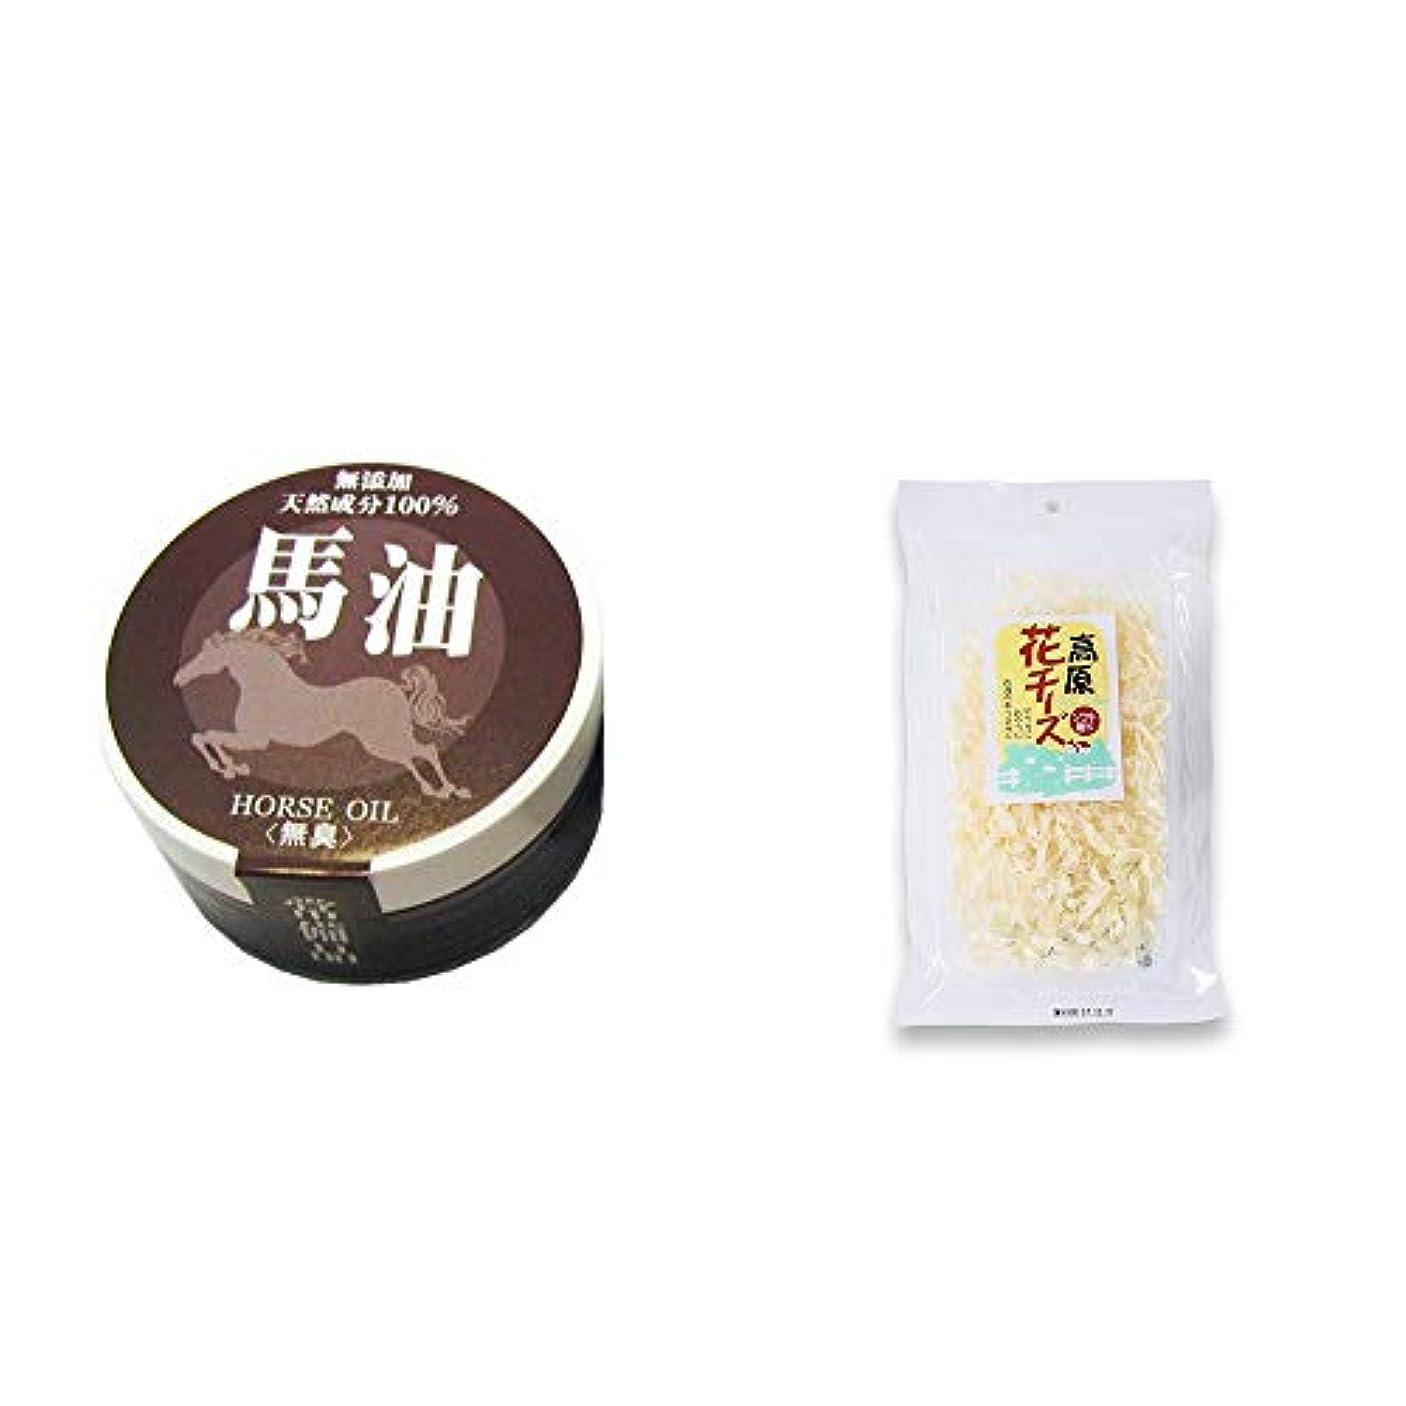 合唱団ビーズ開始[2点セット] 無添加天然成分100% 馬油[無香料](38g)?高原の花チーズ(56g)